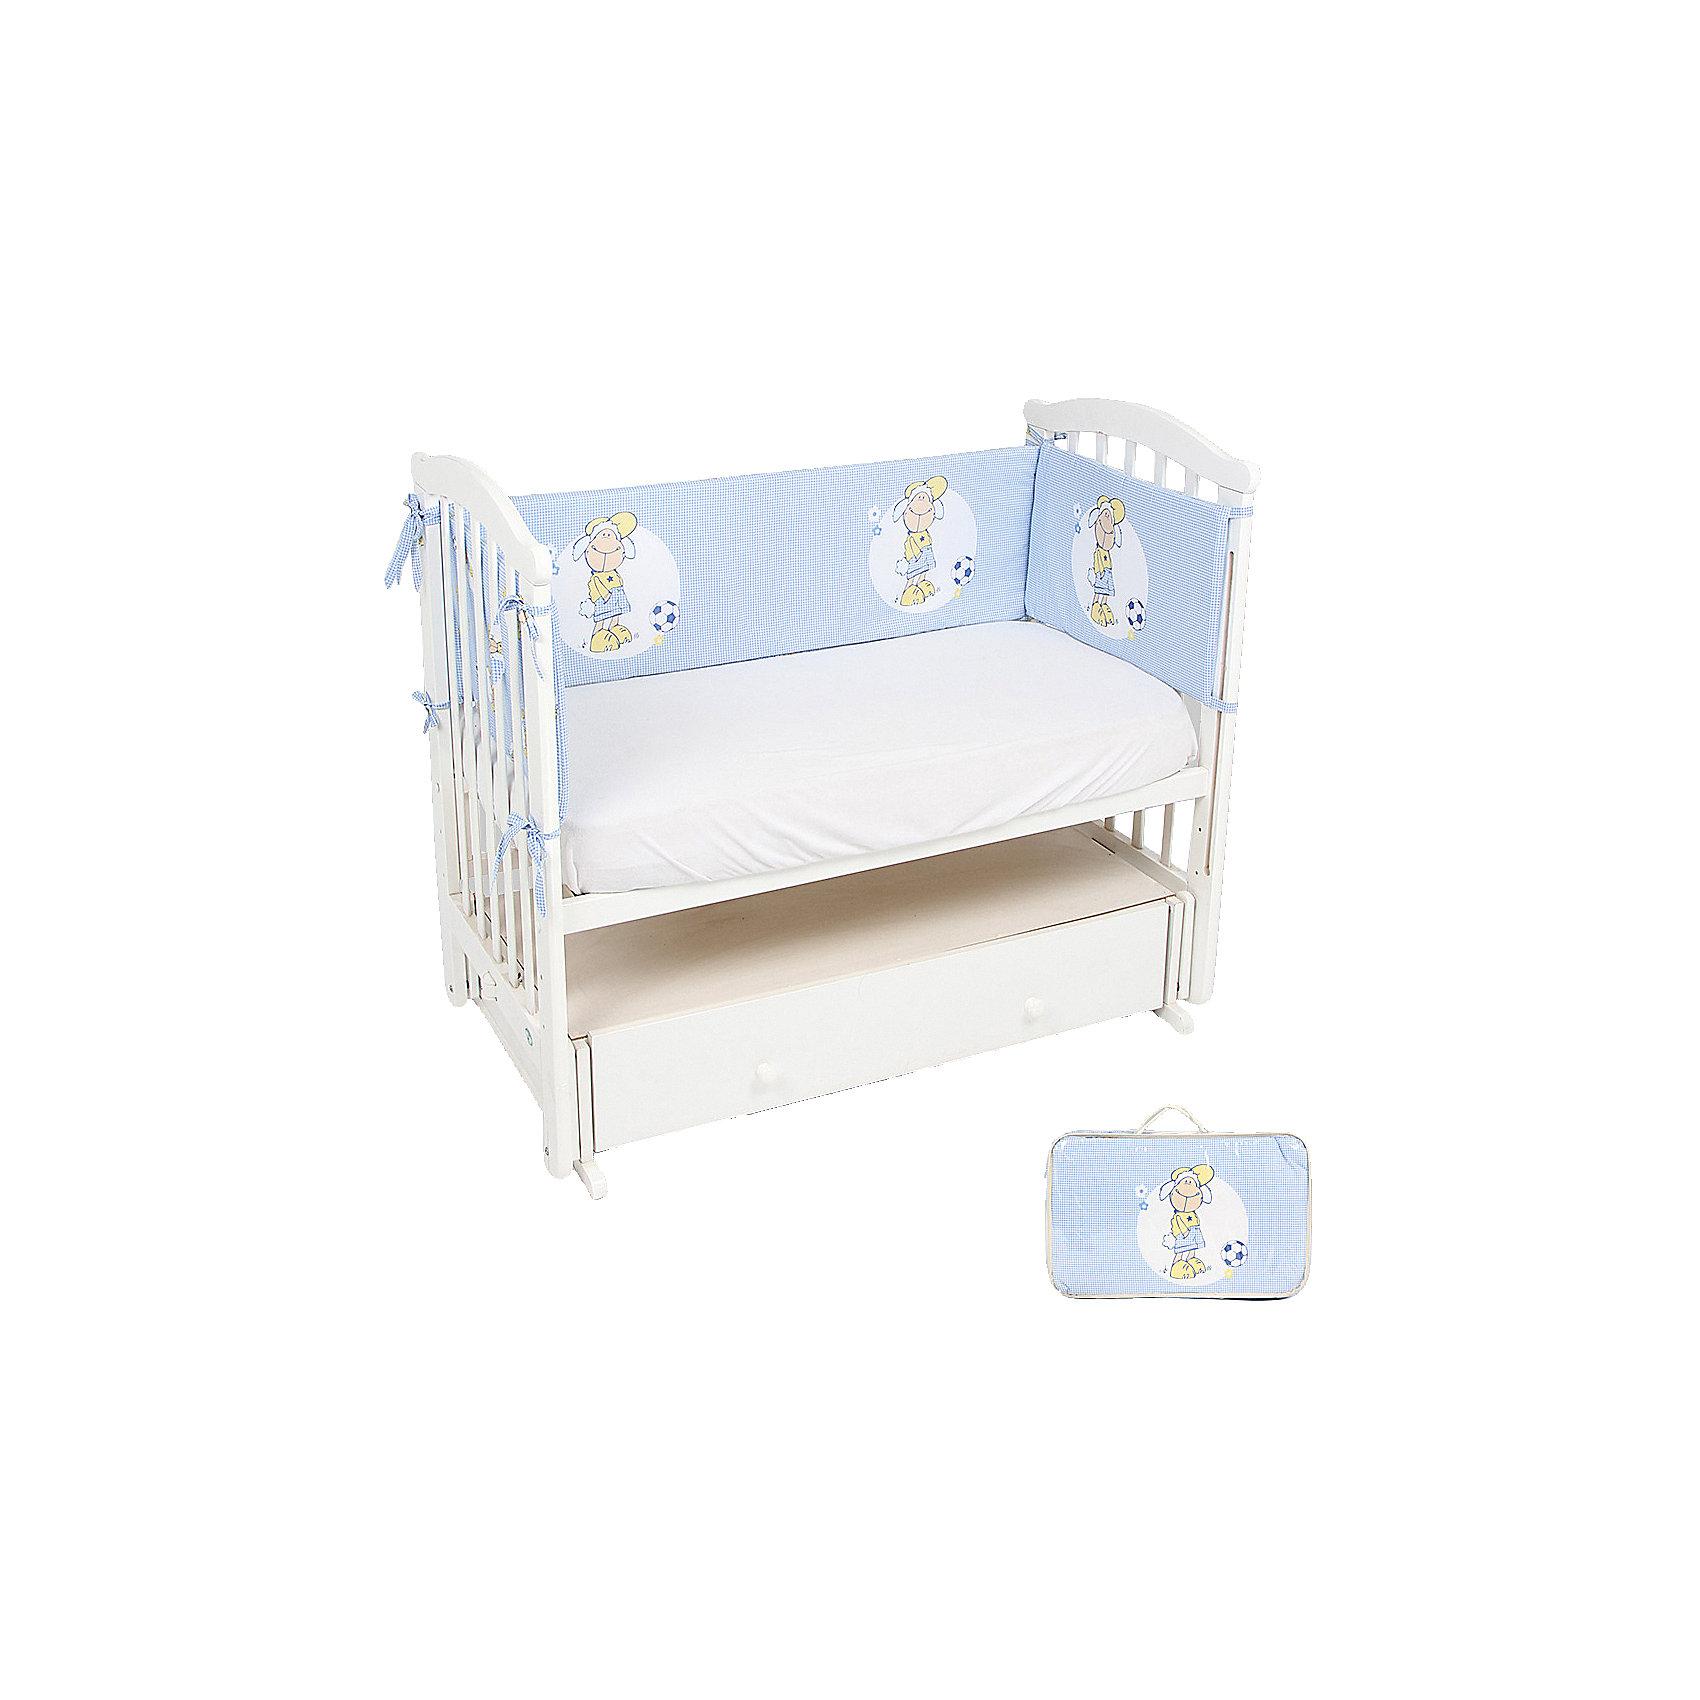 Бортик в кроватку Овечки, Leader kids, синий, бязьБортик в кроватку Овечки, Leader kids, синий, бязь предназначен для обеспечения безопасности пребывания ребенка в кроватке во время сна или бодрствования. Защищает ребенка от ударов и сквозняков. Бортик для кроватки Овечки состоит из четырех частей для всех сторон кроватки. Крепится за счет завязок. Изделие выполнено из высококачественной бязи, в качестве наполнителя использован холлофайбер, который обладает высокой воздухопроницаемостью, водоотталкивающими и гипоаллергенными свойствами. Изделие долгое время сохраняет форму, достаточно легкое в уходе. <br>Бортик в кроватку Овечки, Leader kids, синий, бязь обеспечит ребенку крепкий, здоровый и безопасный сон. <br><br>Дополнительная информация:<br><br>- Предназначение: для детской кроватки<br>- Материал: бязь, 100% хлопок<br>- Наполнитель: холлофайбер<br>- Пол: для мальчика<br>- Цвет: голубой, белый, желтый<br>- Размеры (Д*Ш*В): 120*50*20 см<br>- Вес: 300 г<br>- Особенности ухода: разрешается стирка при температуре не более 40 градусов<br><br>Подробнее:<br><br>• Для детей в возрасте от 0 месяцев и до 3 лет<br>• Страна производитель: Россия<br>• Торговый бренд: Leader kids<br><br>Бортик в кроватку Овечки, Leader kids, синий, бязь можно купить в нашем интернет-магазине.<br><br>Ширина мм: 1200<br>Глубина мм: 500<br>Высота мм: 20<br>Вес г: 2000<br>Возраст от месяцев: 0<br>Возраст до месяцев: 36<br>Пол: Унисекс<br>Возраст: Детский<br>SKU: 4904853